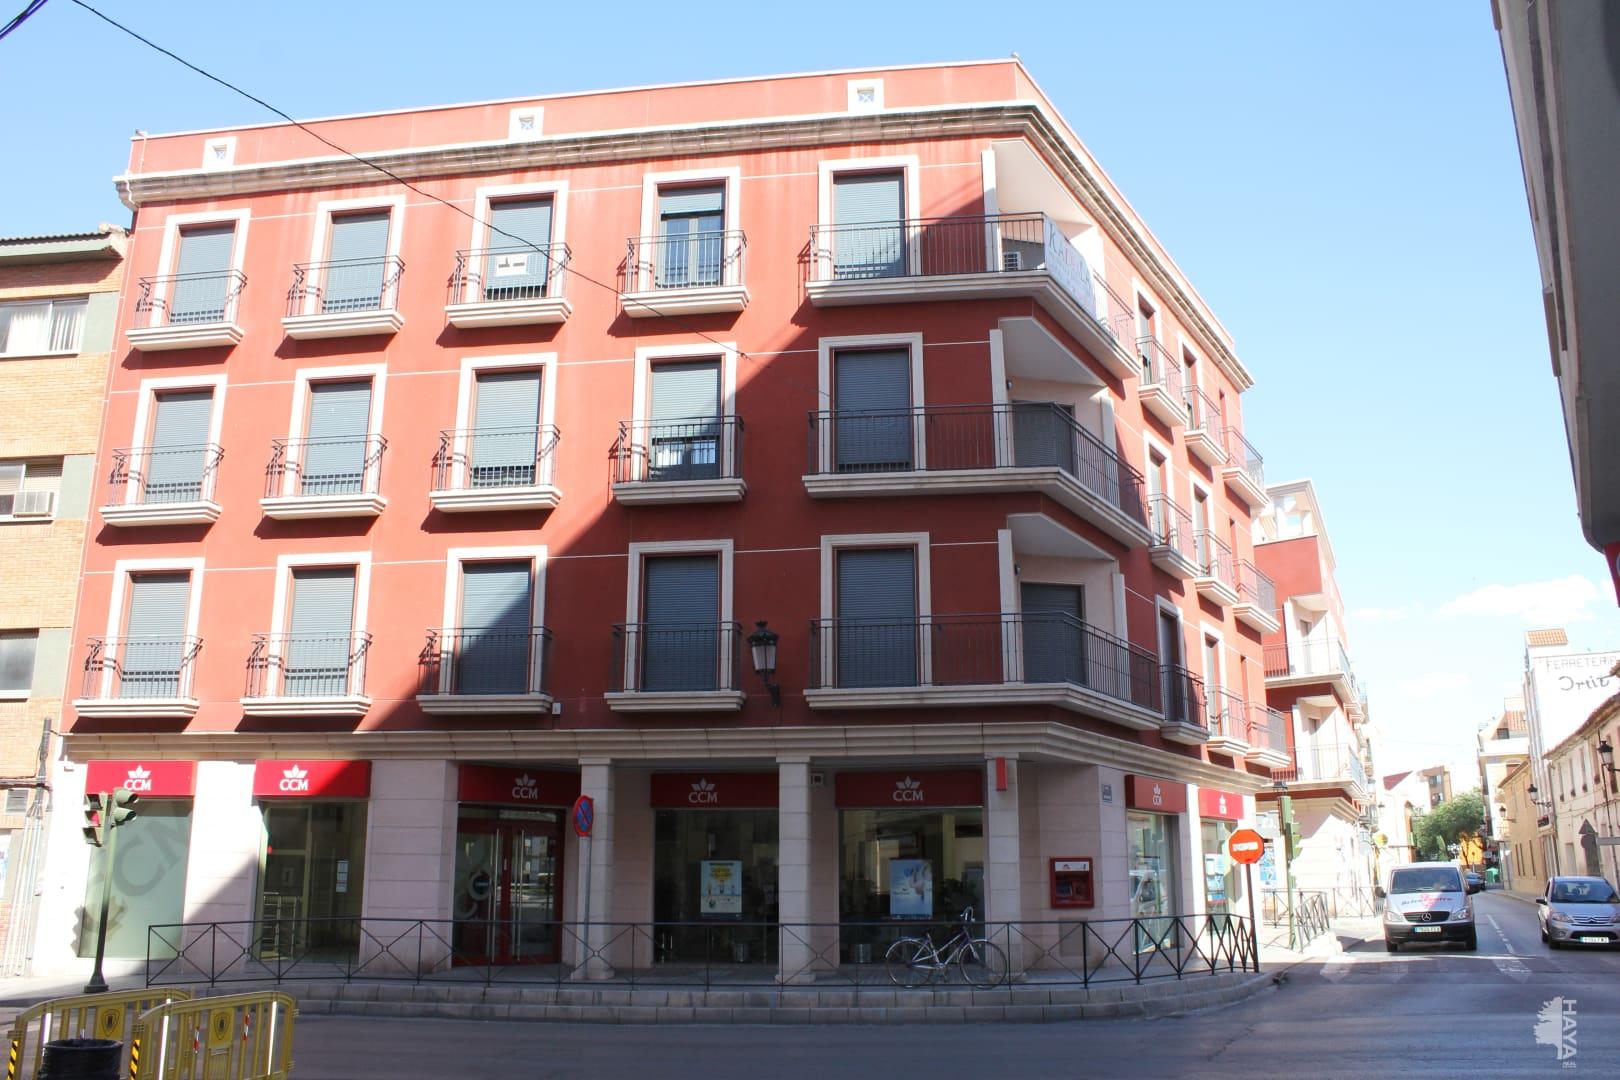 Local en venta en Tomelloso, Ciudad Real, Calle Juan Pablo Ii, 244.000 €, 723 m2